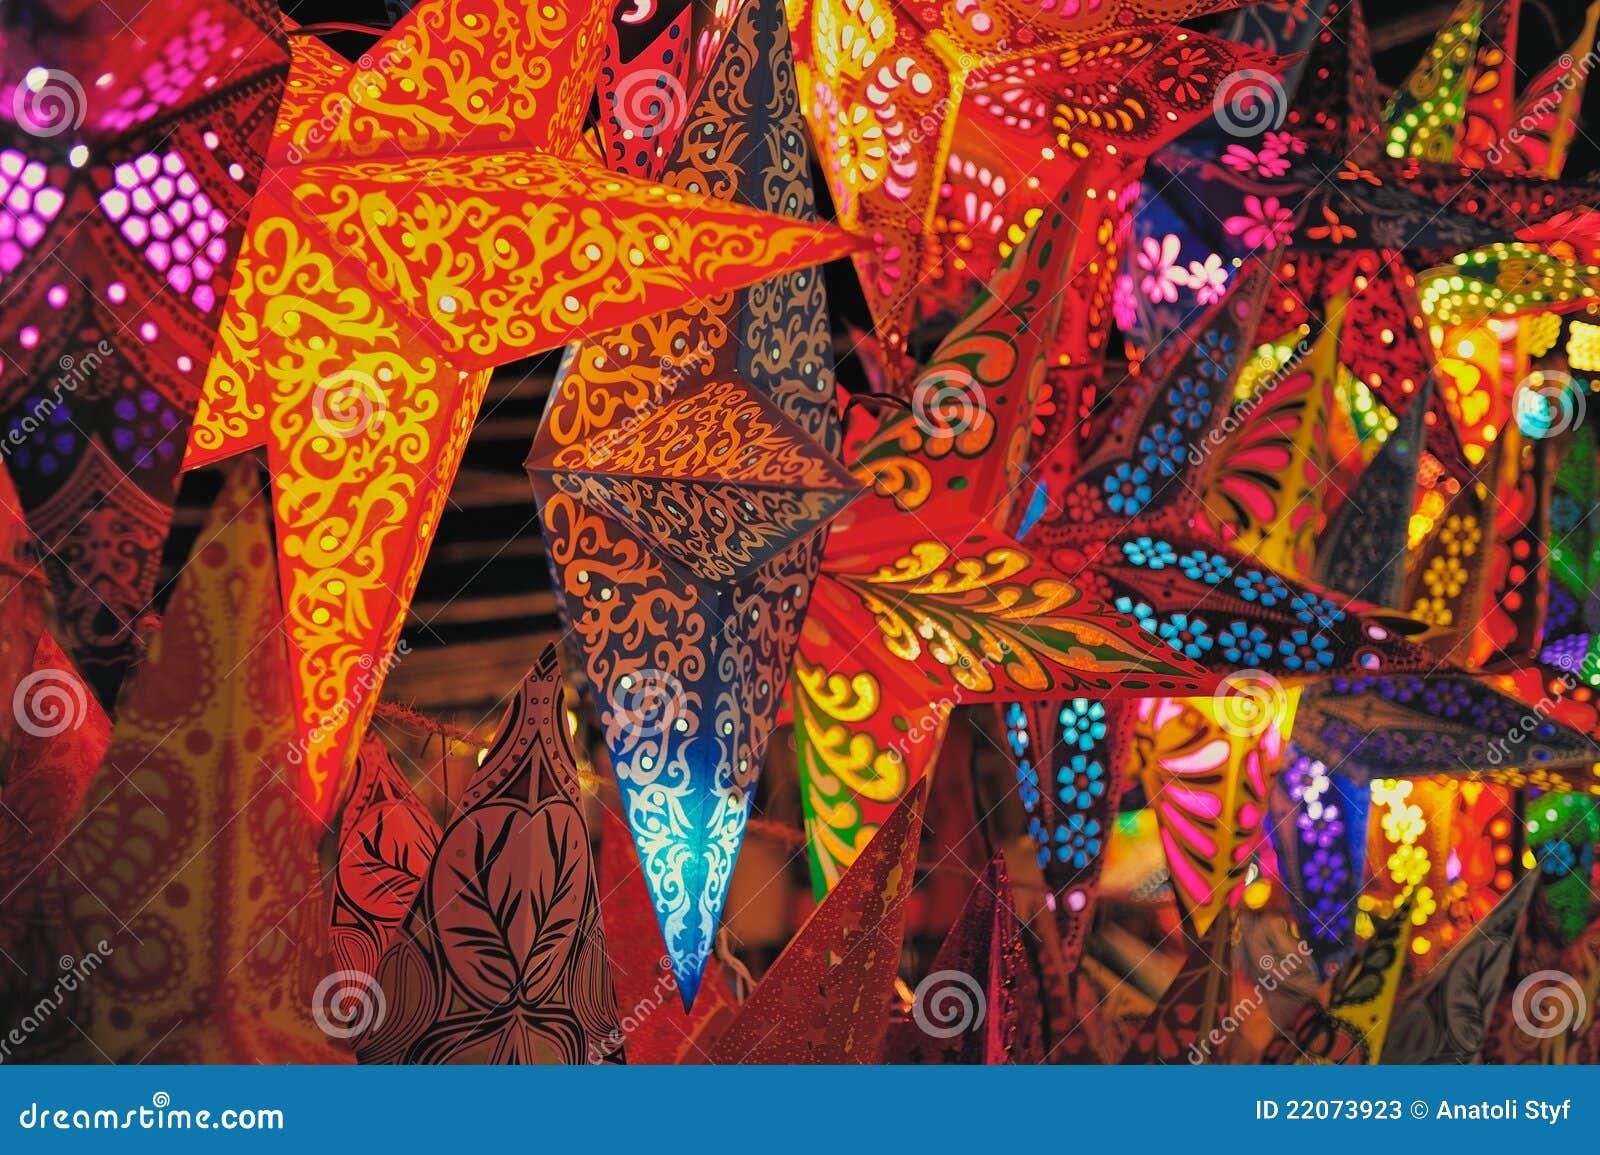 Lanterne di carta fotografie stock immagine 22073923 for Decorazione lanterne natale